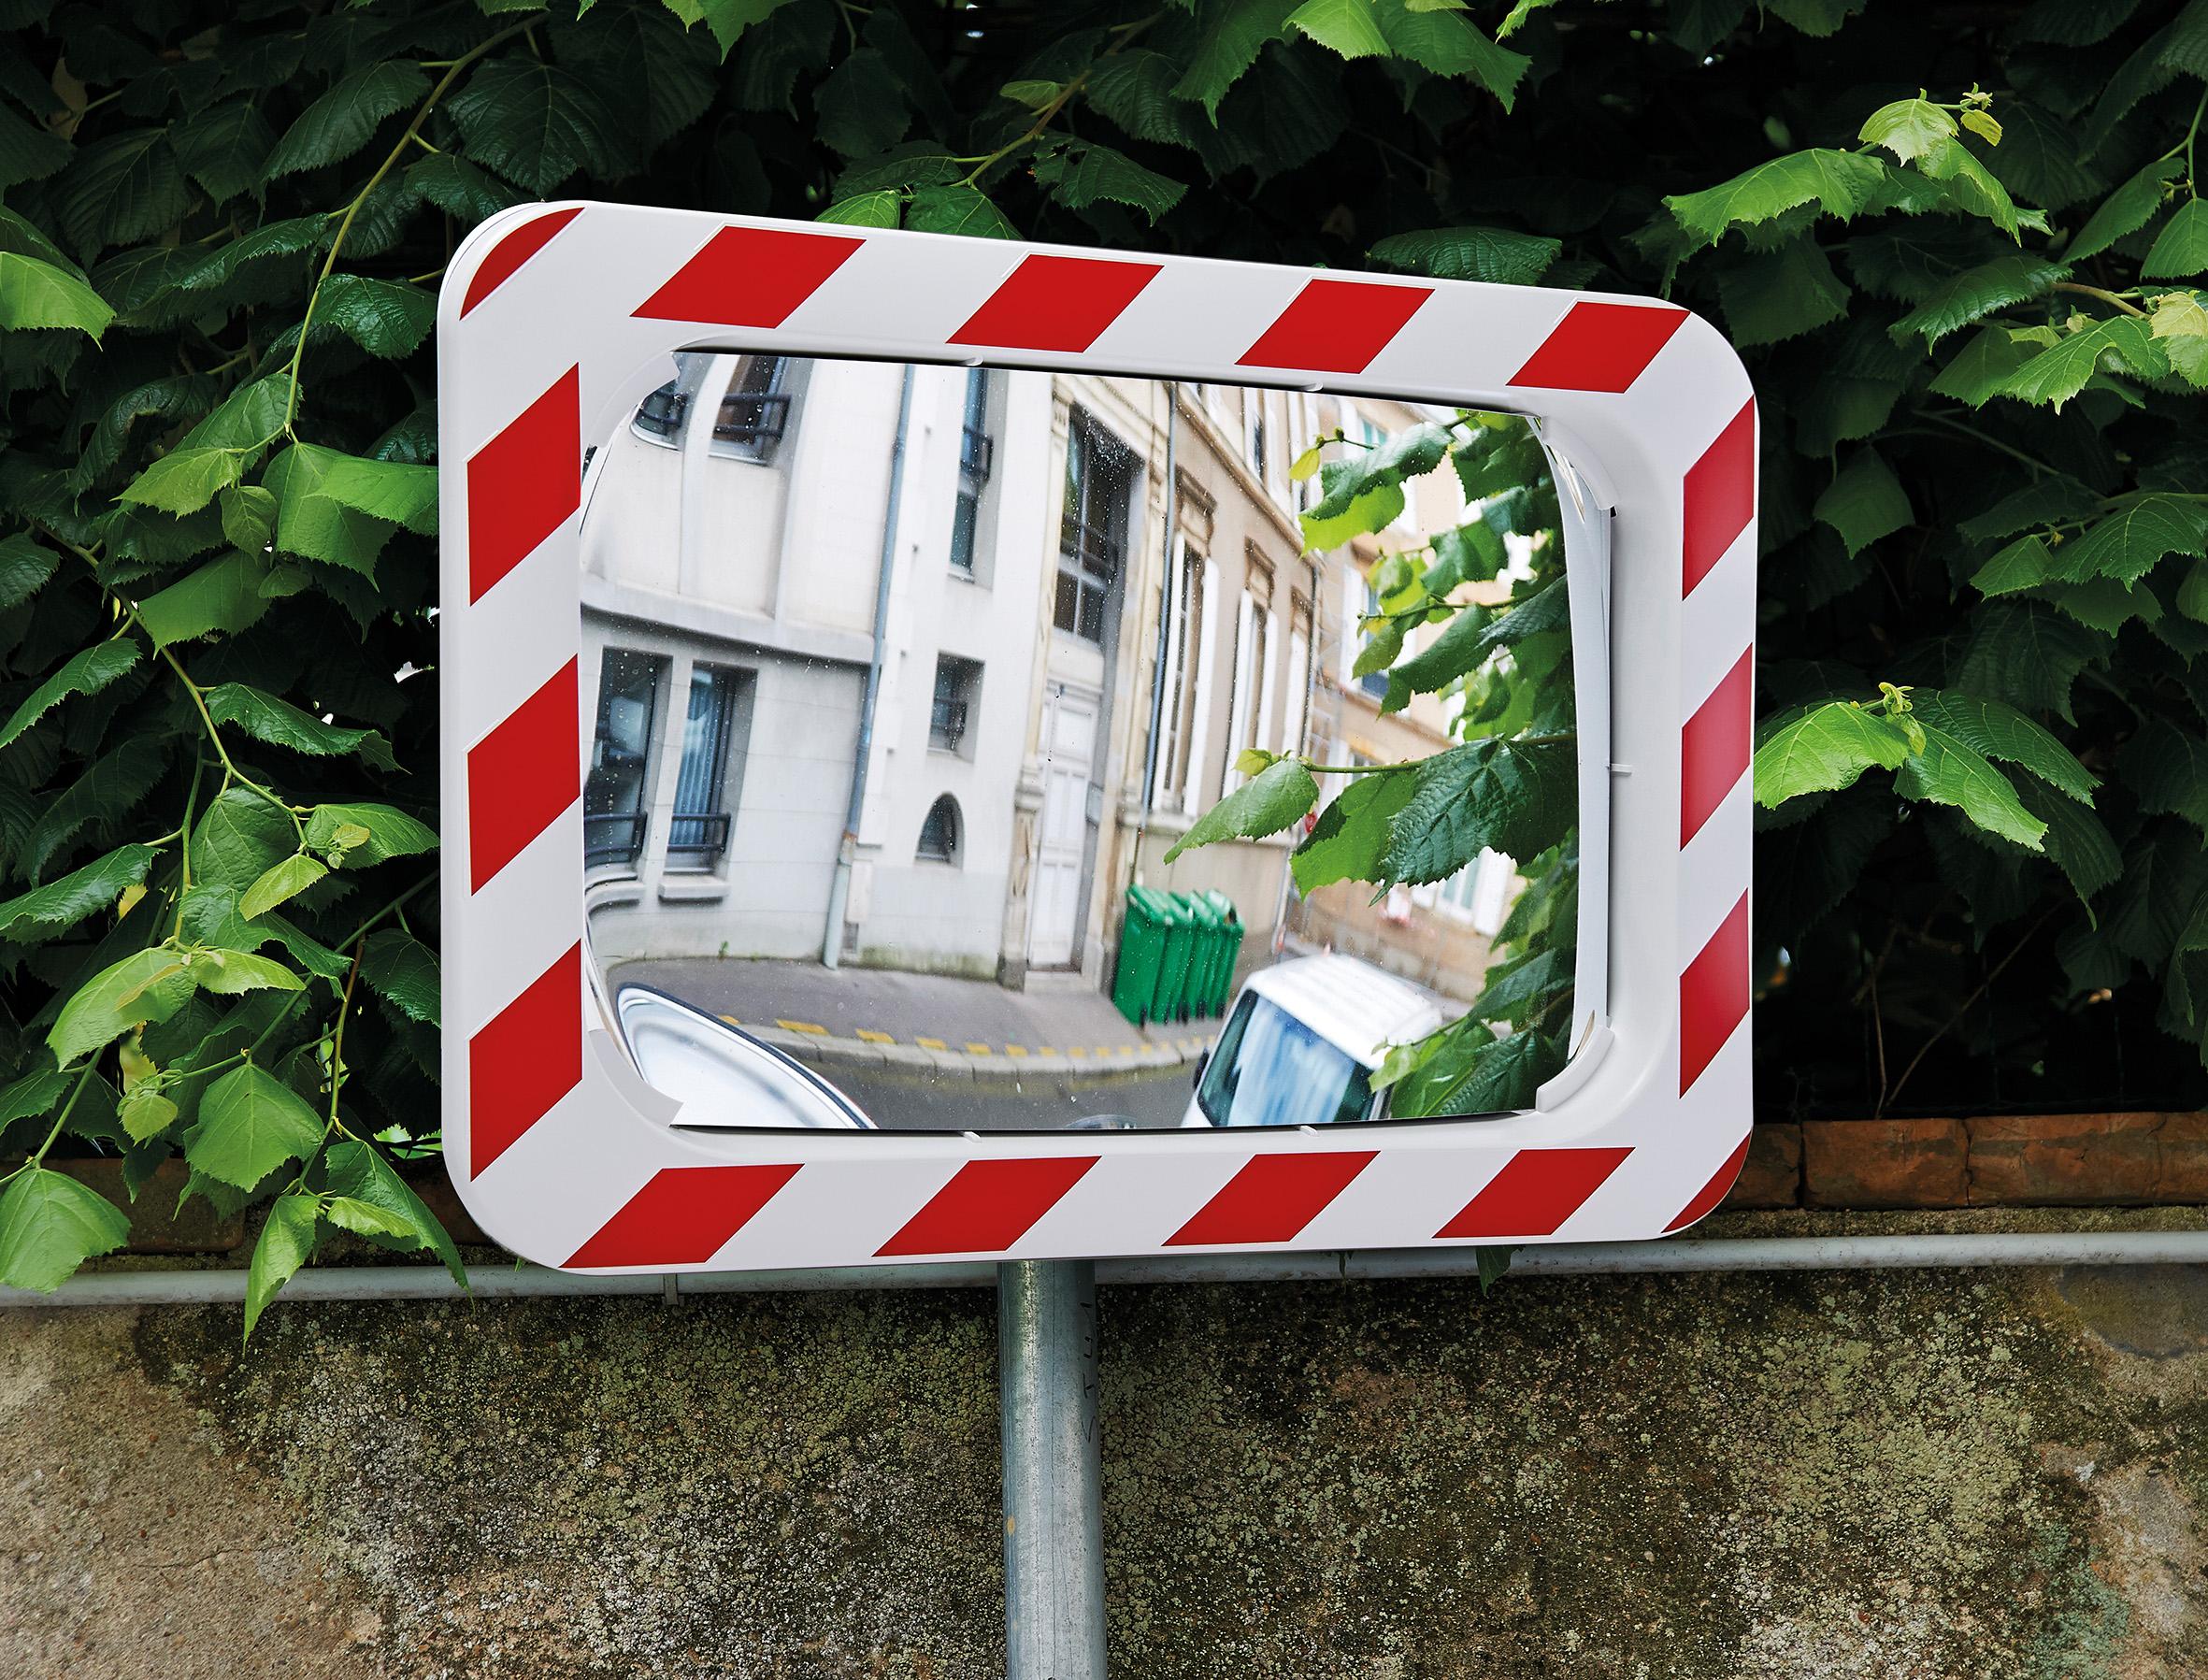 Verkehrsspiegel | 2 Rchtungen | Für den Außenbereich